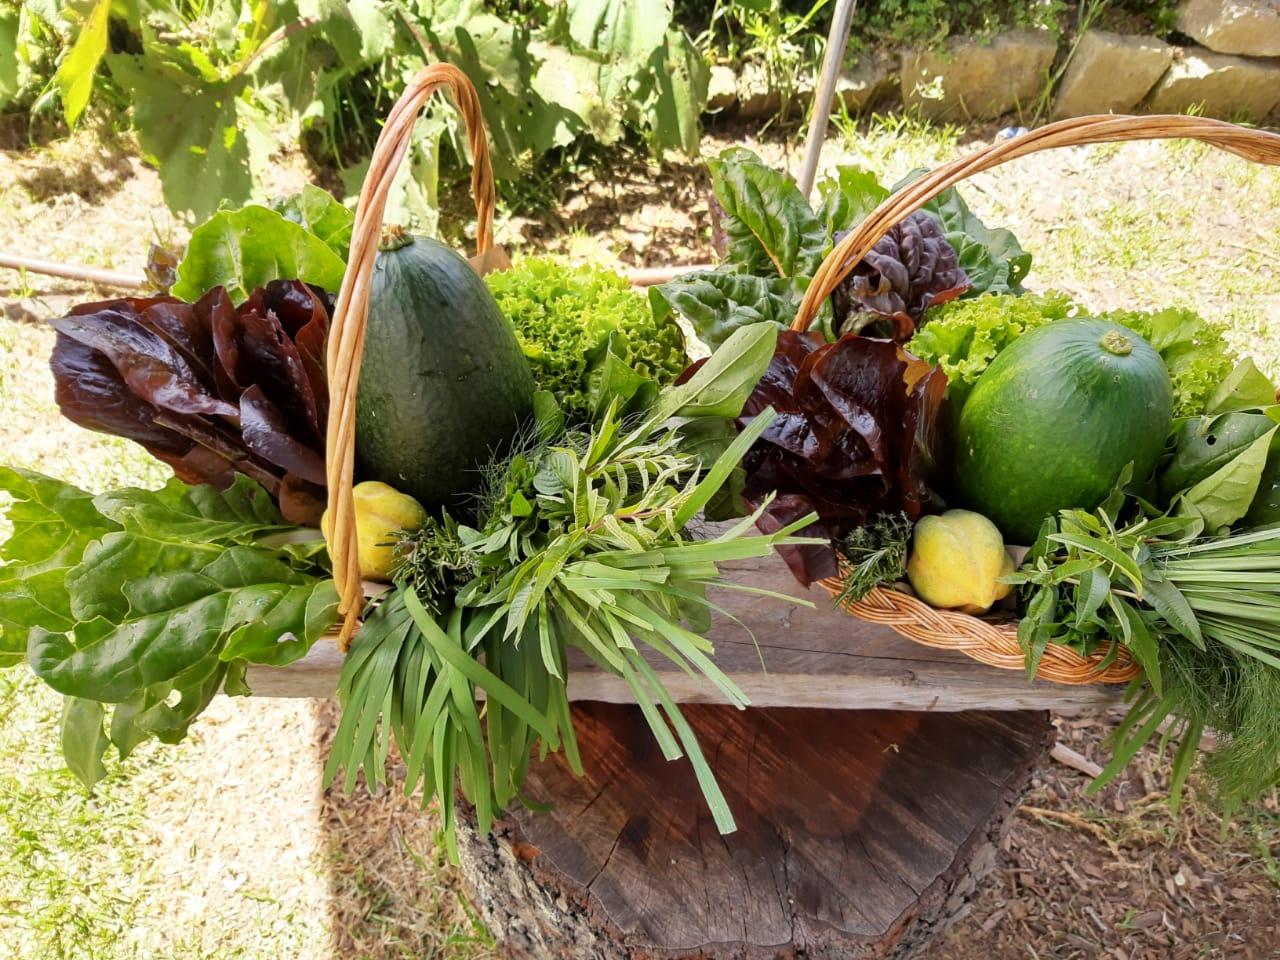 Cosecha de vegetales de una de las huertas del Jardín Botánico.